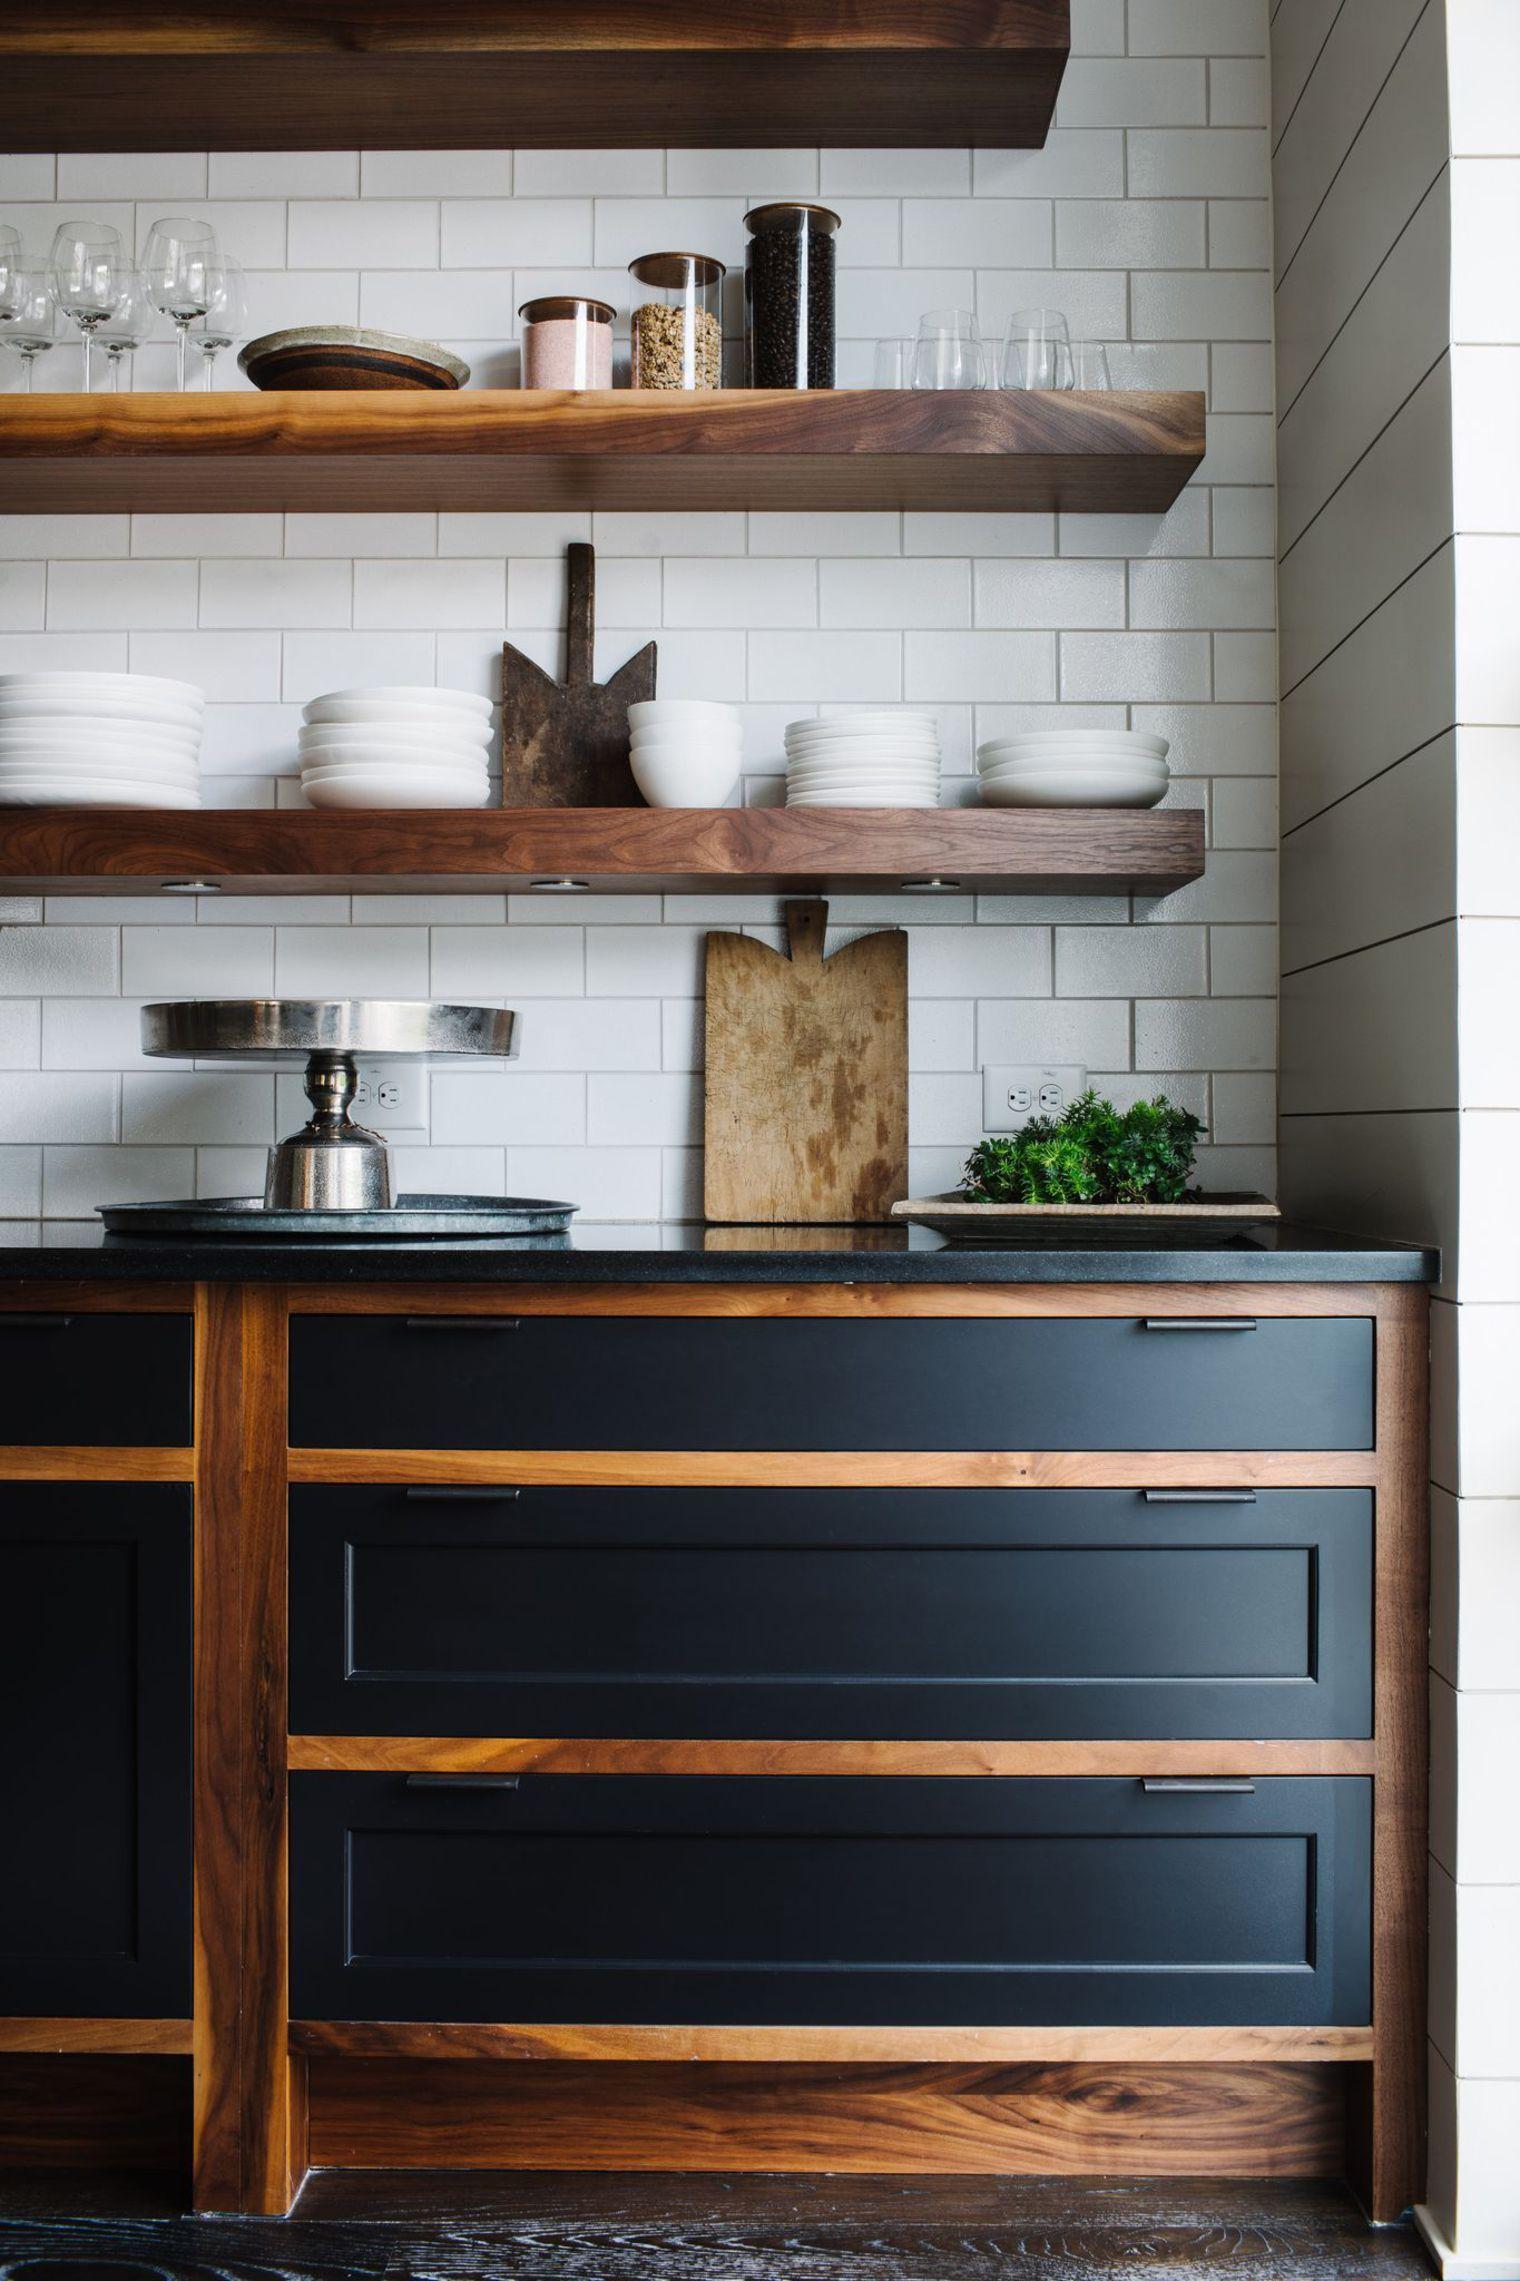 Pin By Cassandra Elder On Home Kitchen Design Trends 2018